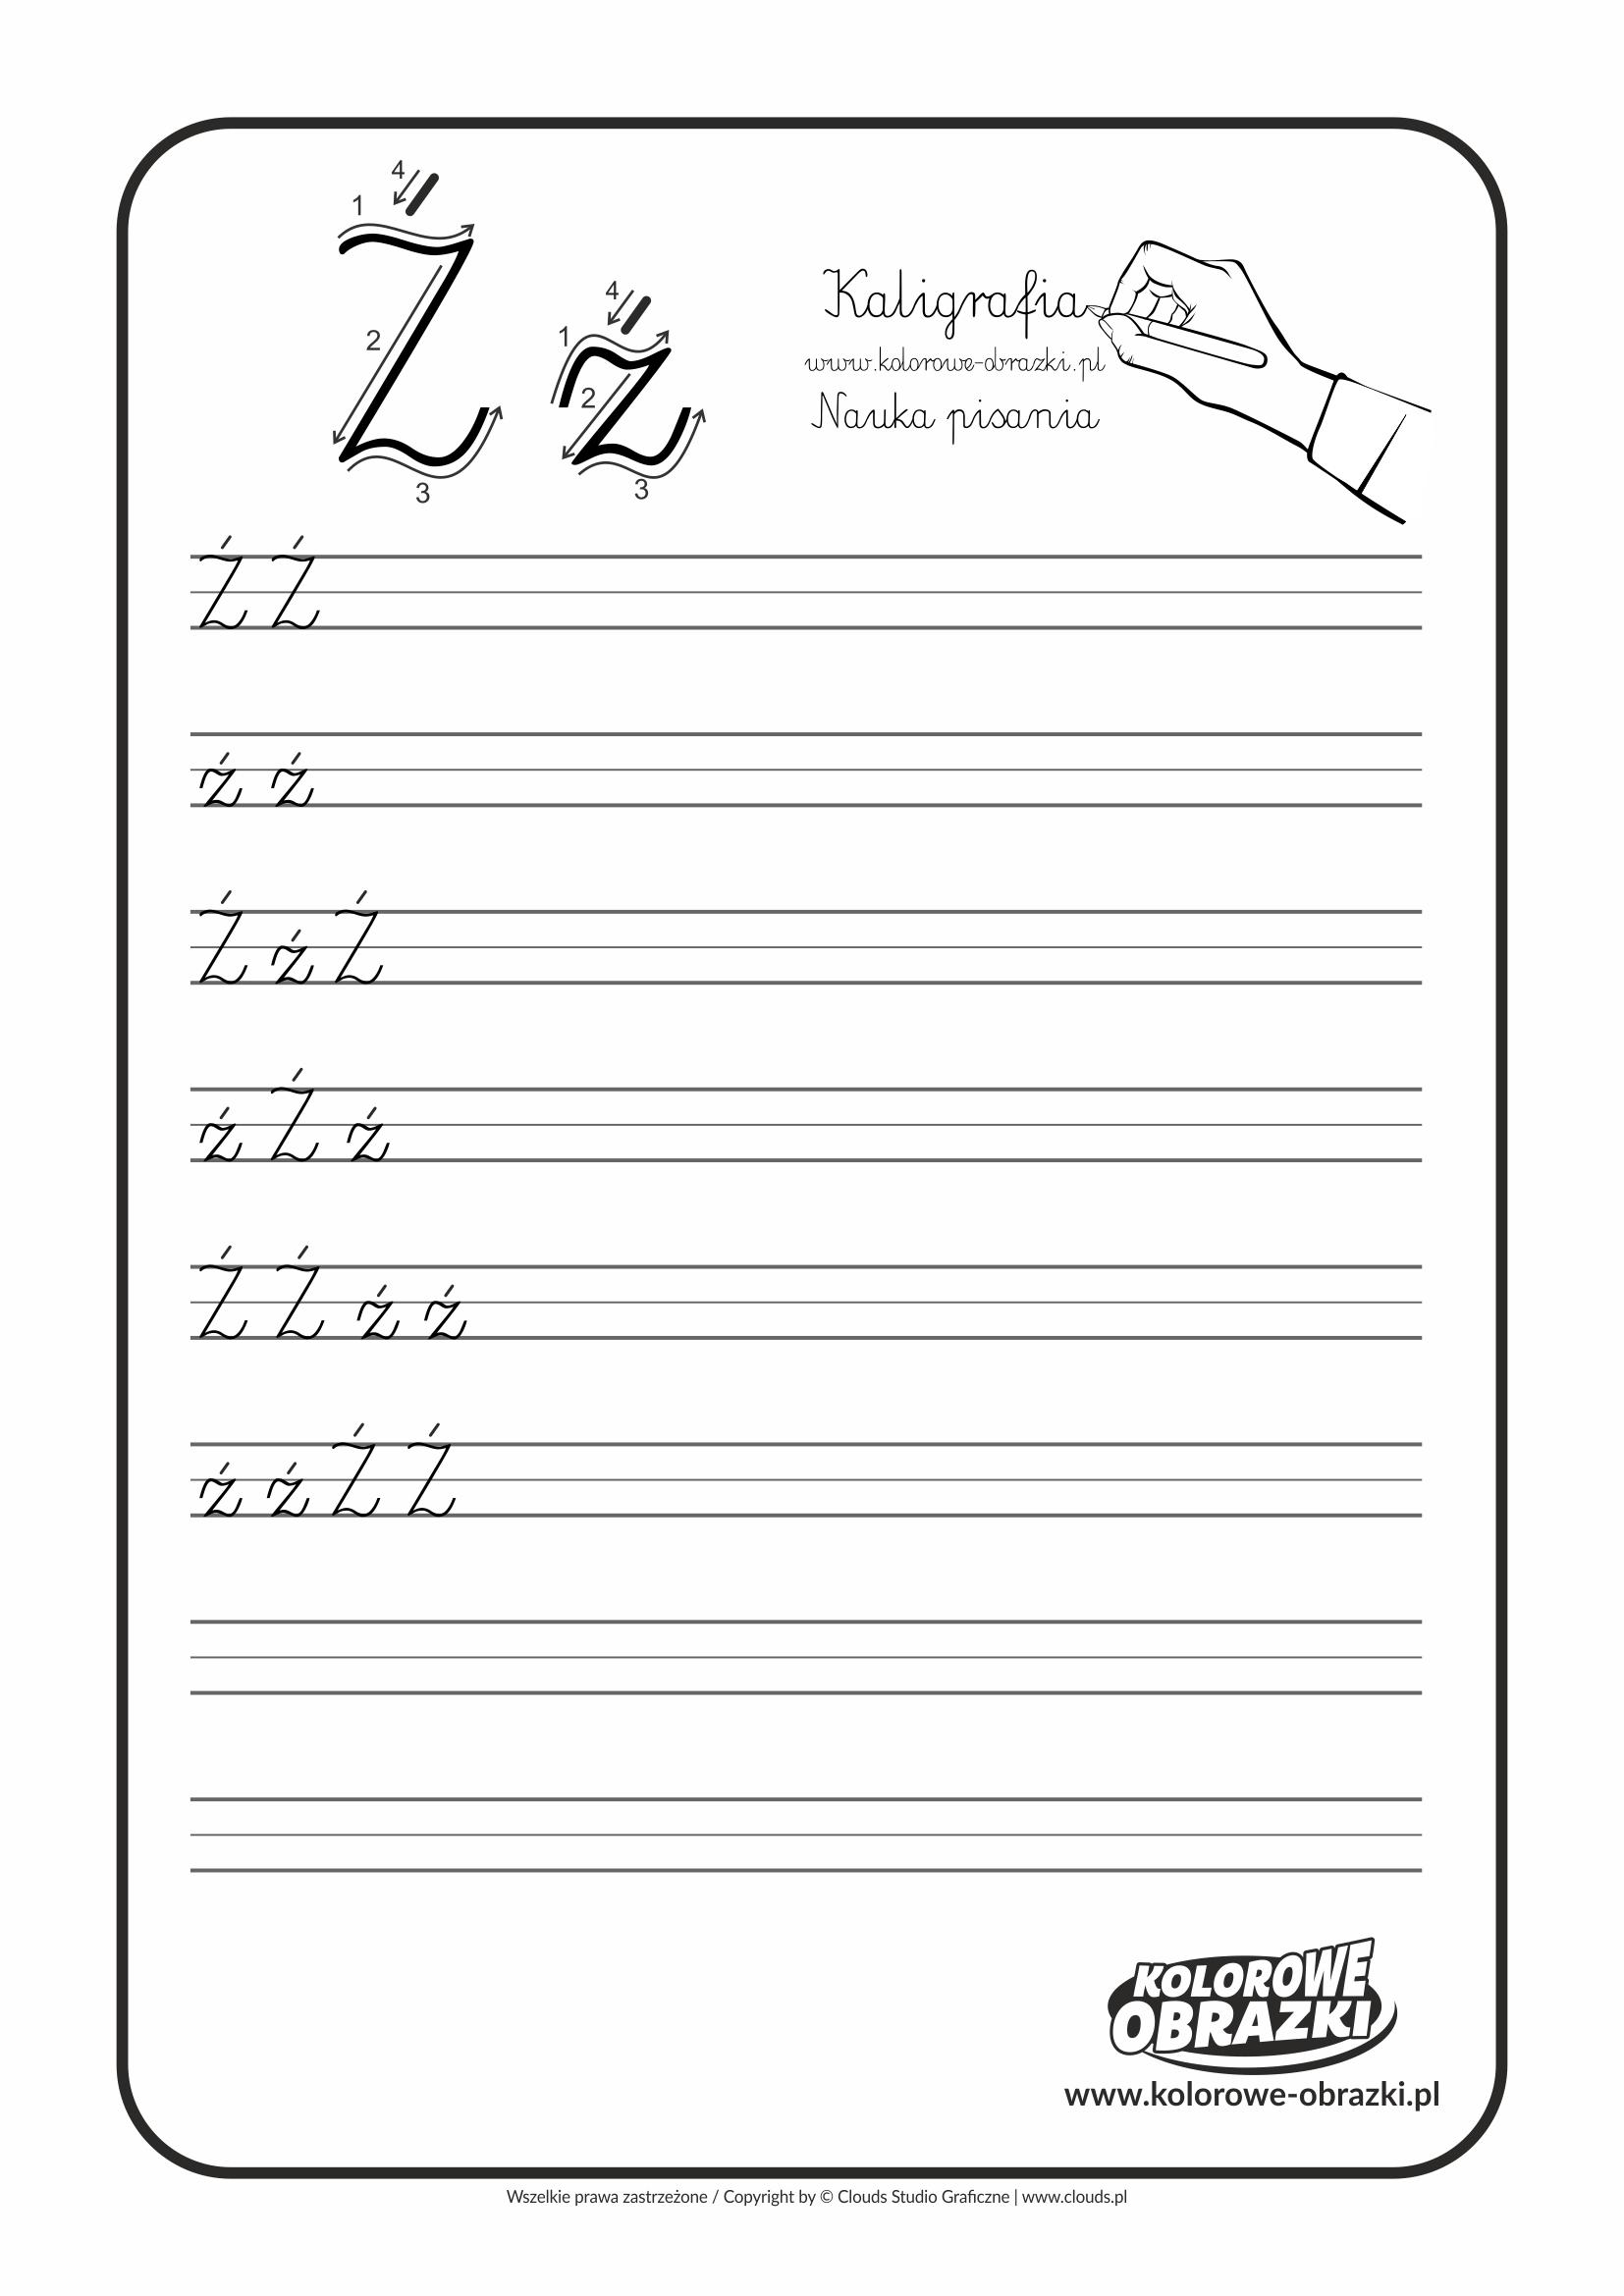 Kaligrafia dla dzieci - Ćwiczenia kaligraficzne / Litera Ź. Nauka pisania litery Ź